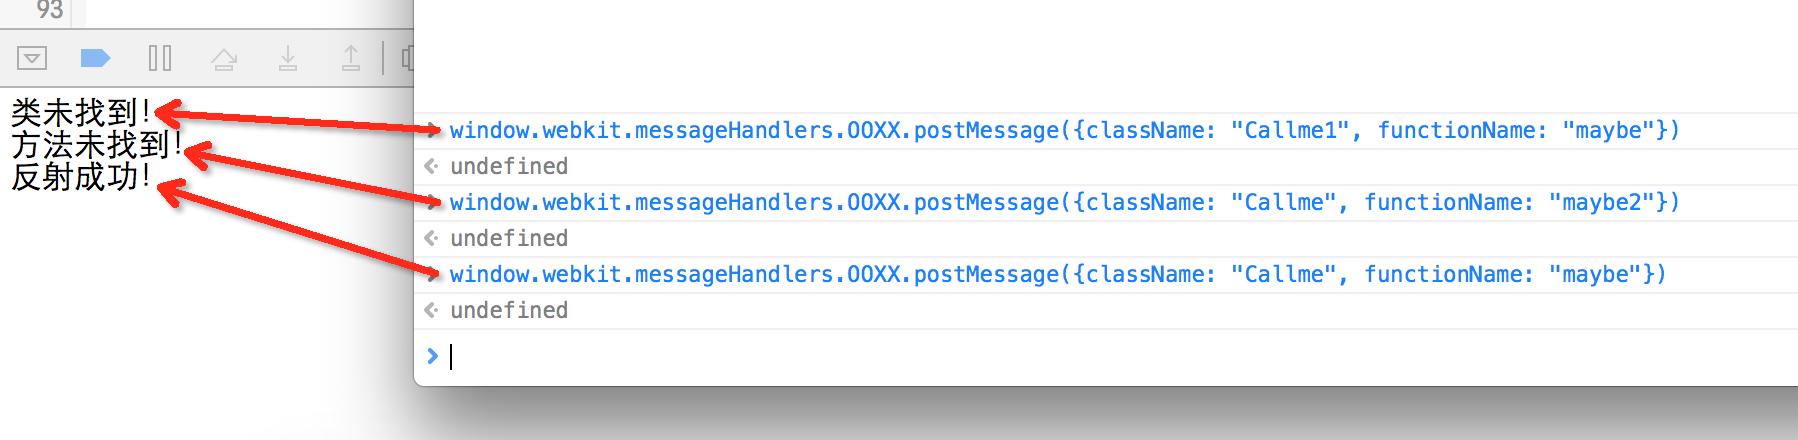 自己动手打造基于 WKWebView 的混合开发框架(二)——js 向 Native 一句话传值并反射出 Swift 对象执行指定函数